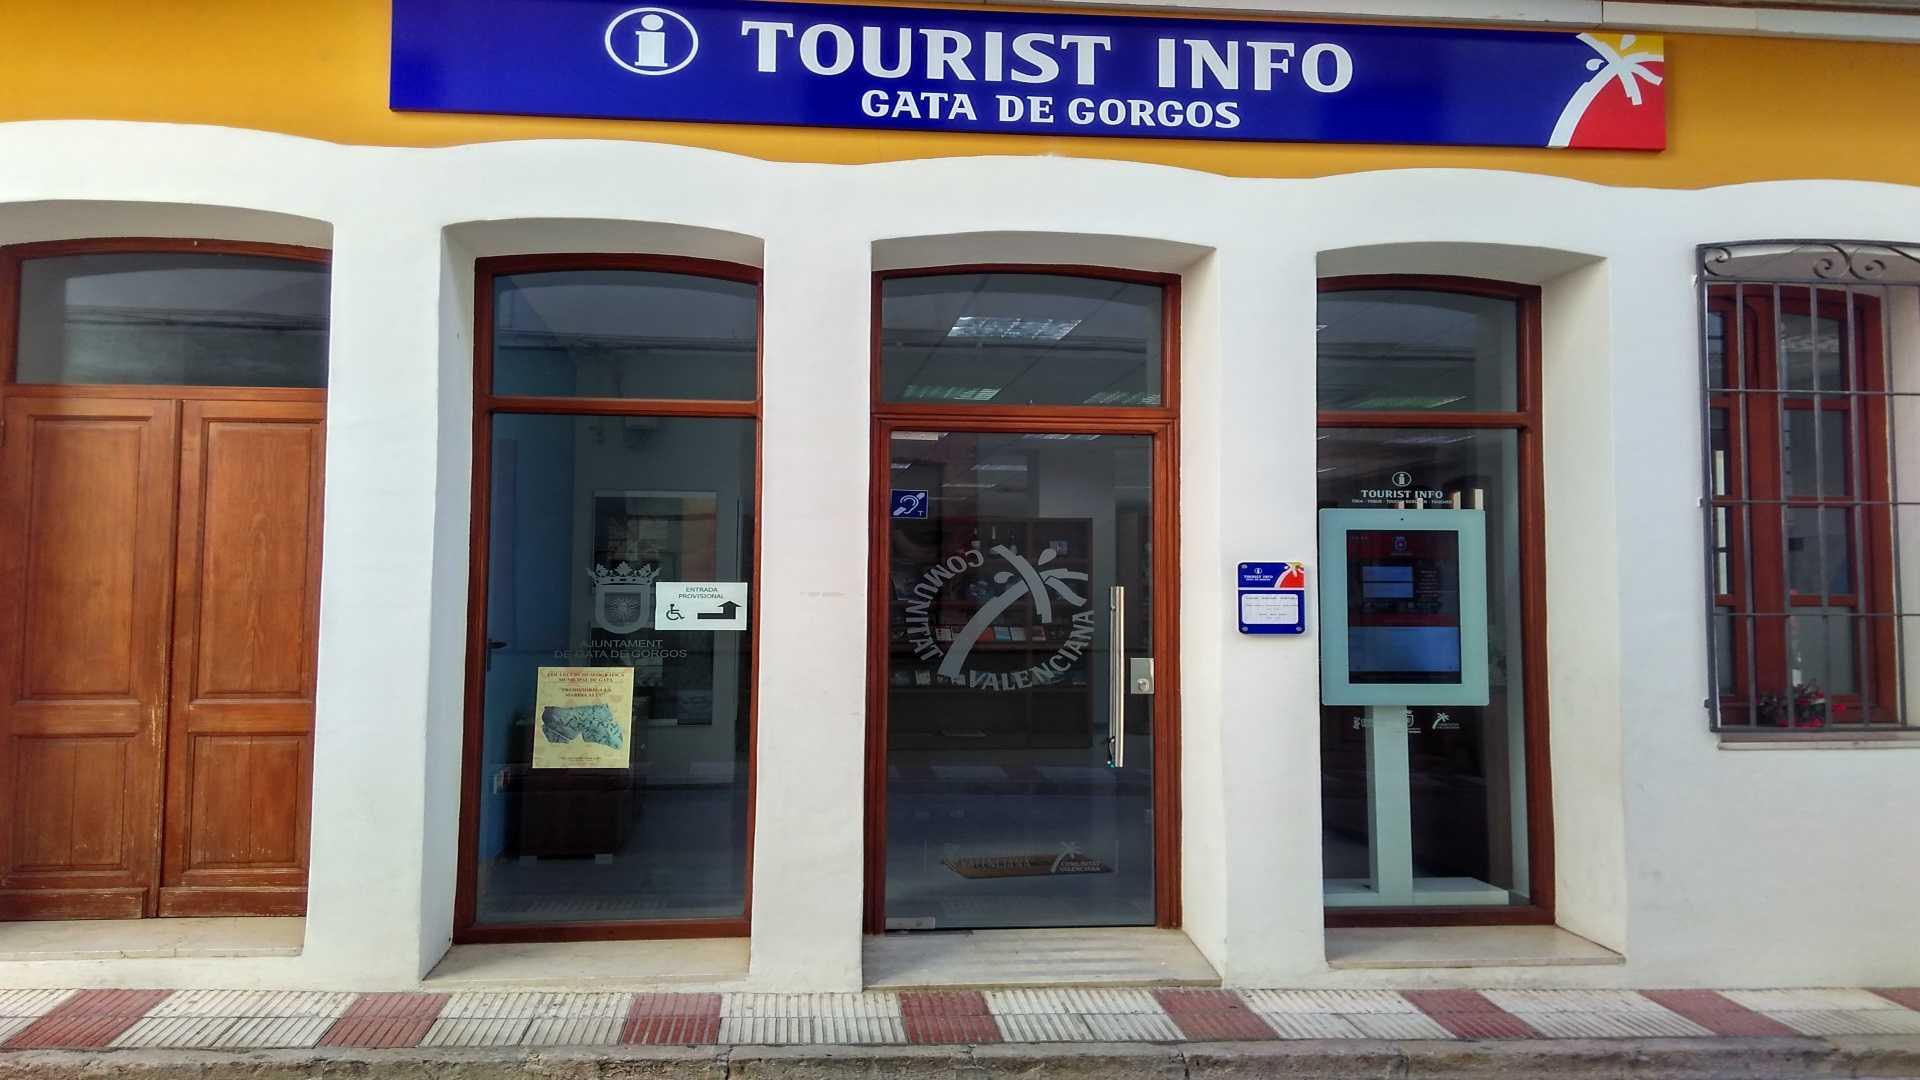 TOURIST INFO GATA